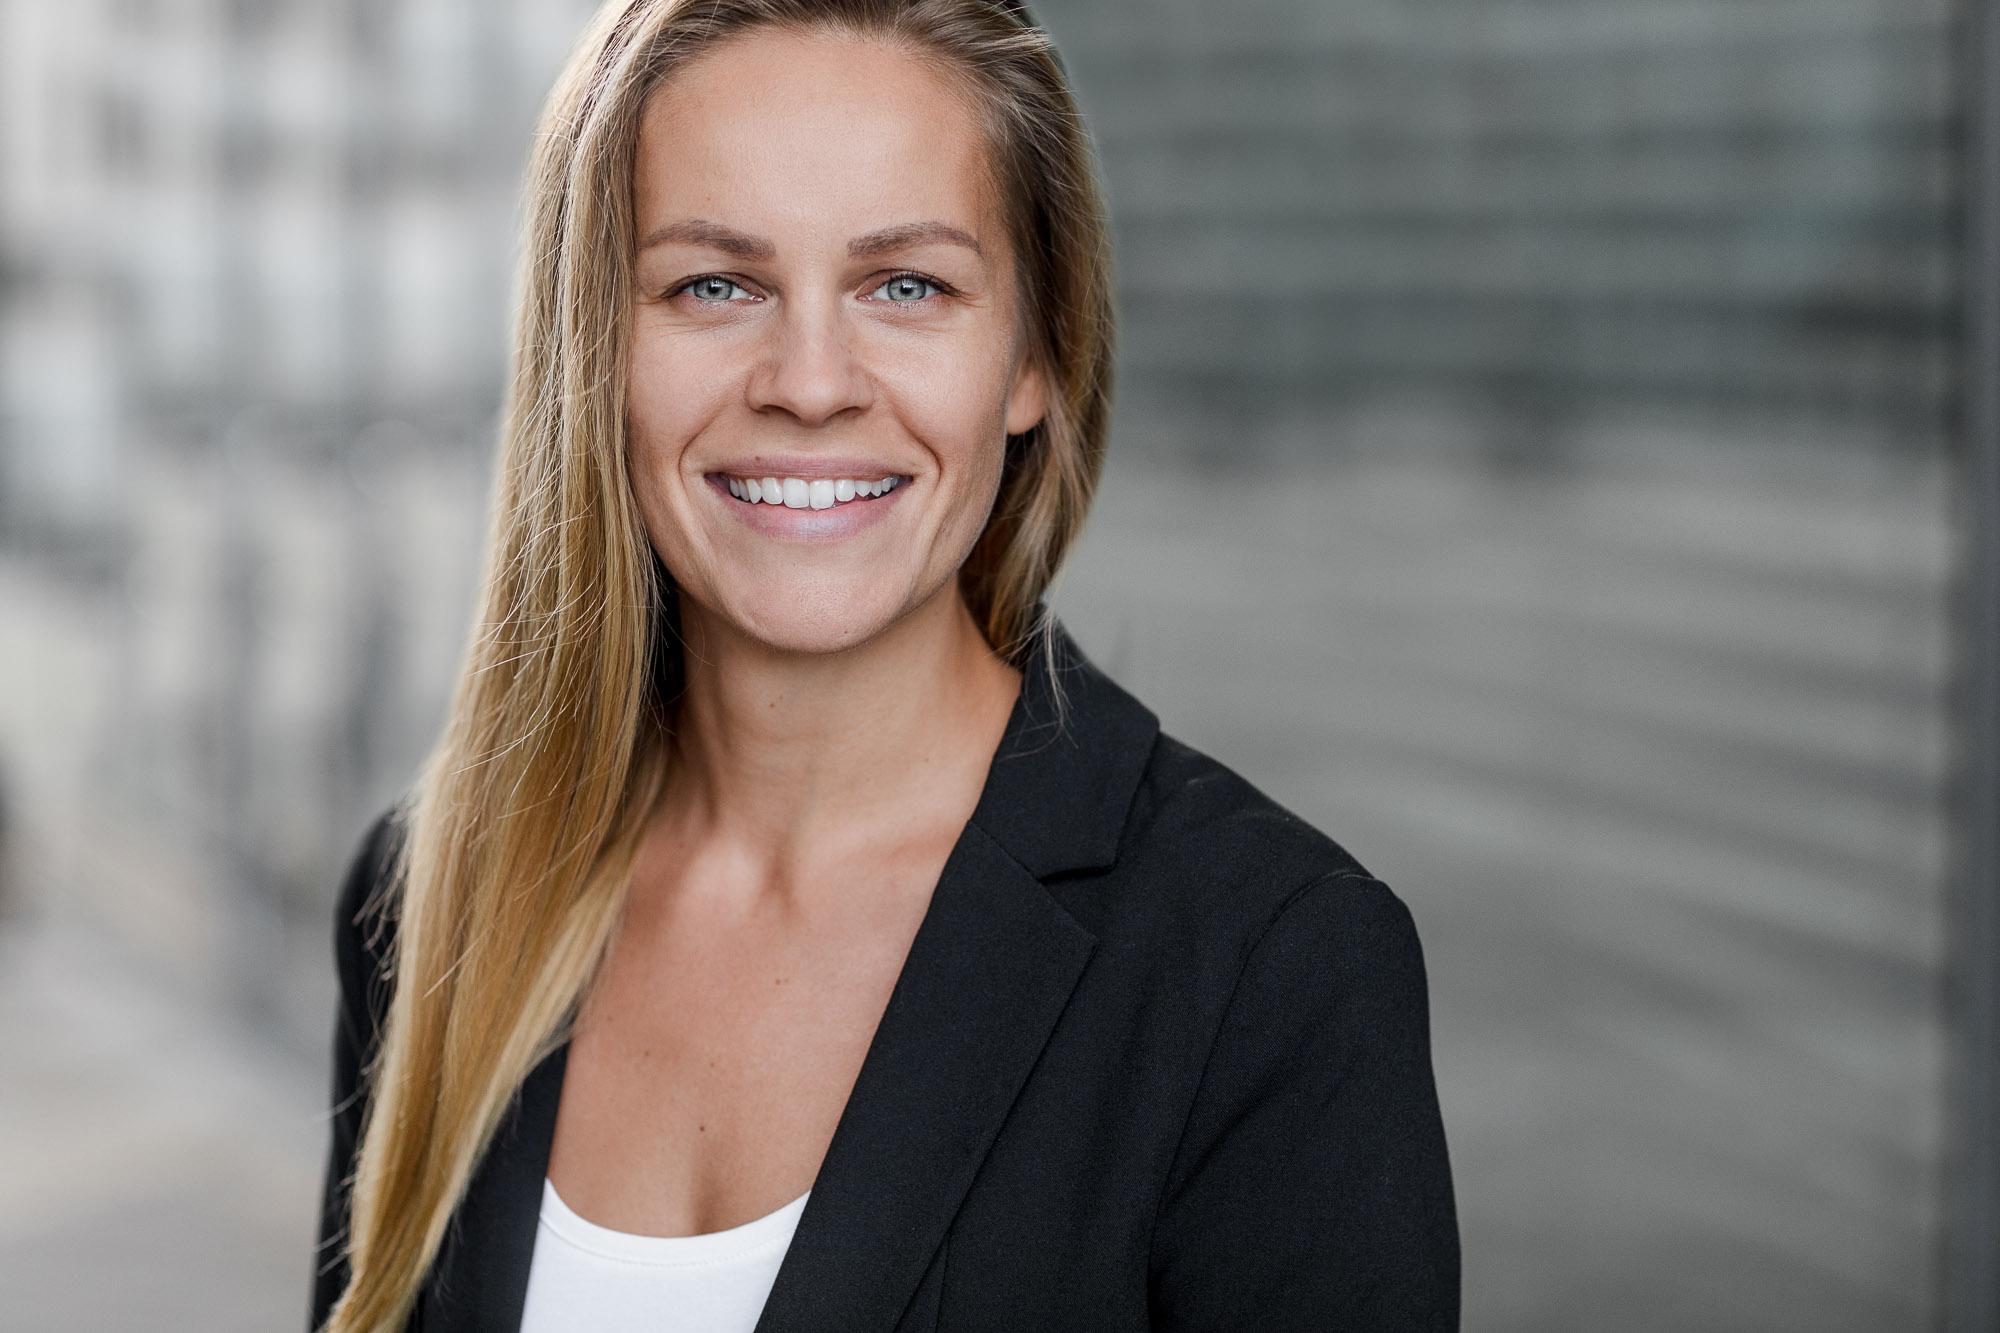 Dieses Bewerbungsfoto wurde im Oktober 2017 von Tom und Lia Fotografie an der Deutschen Med in Rostock aufgenommen. Zu sehen ist eine junge Studentin.